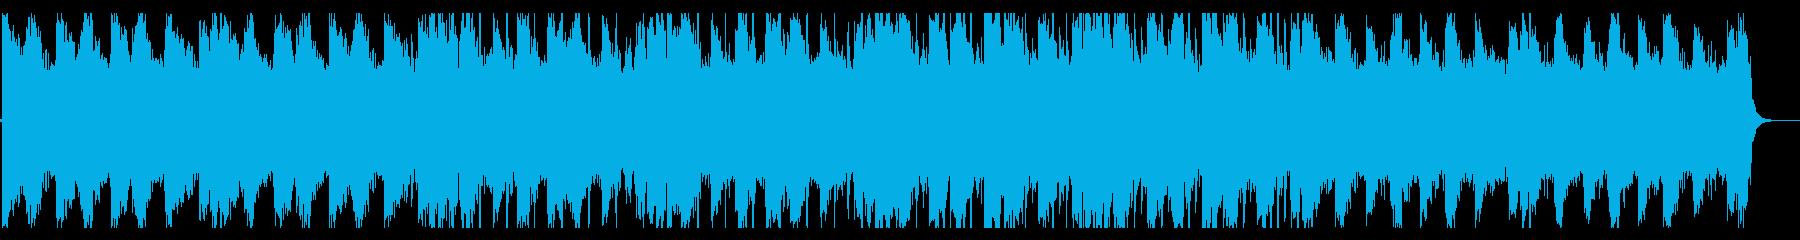 涼しげなHiphop_No383_3の再生済みの波形